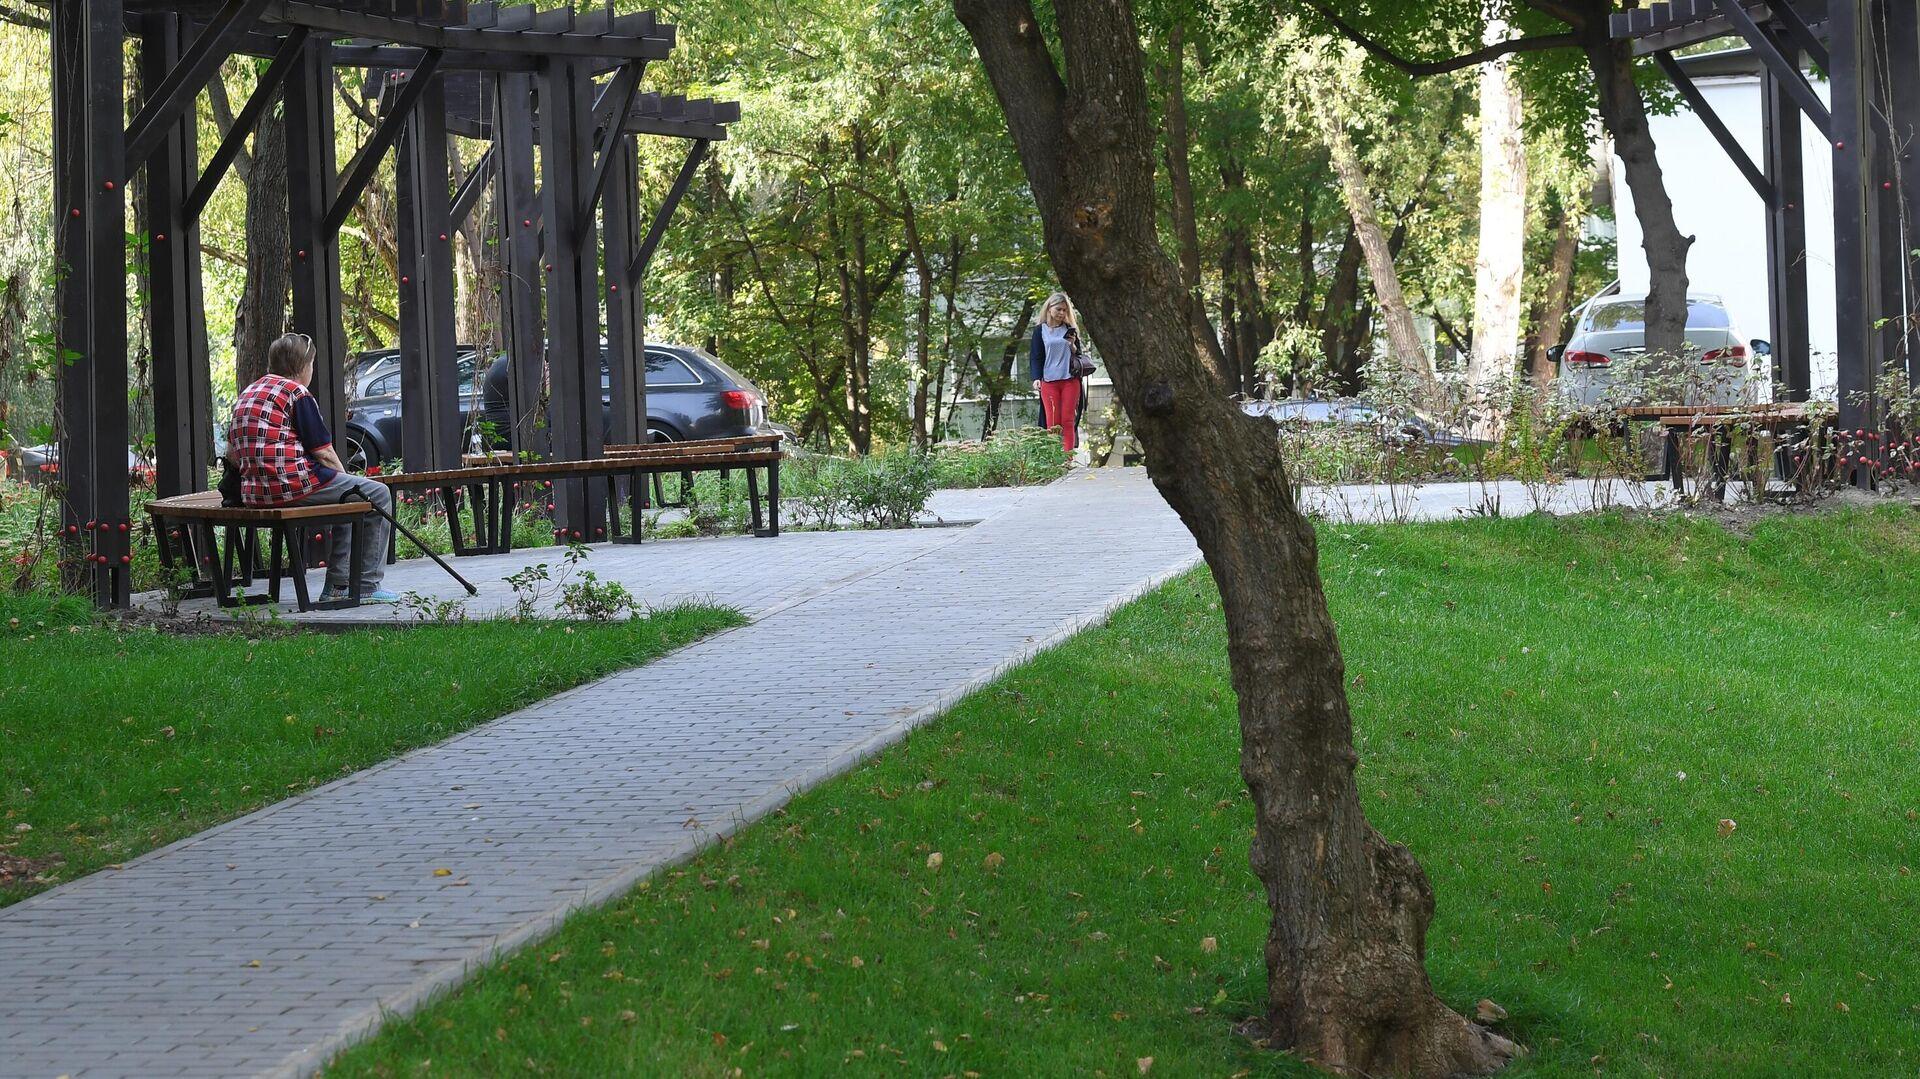 Благоустроенная территория парка - РИА Новости, 1920, 17.05.2021